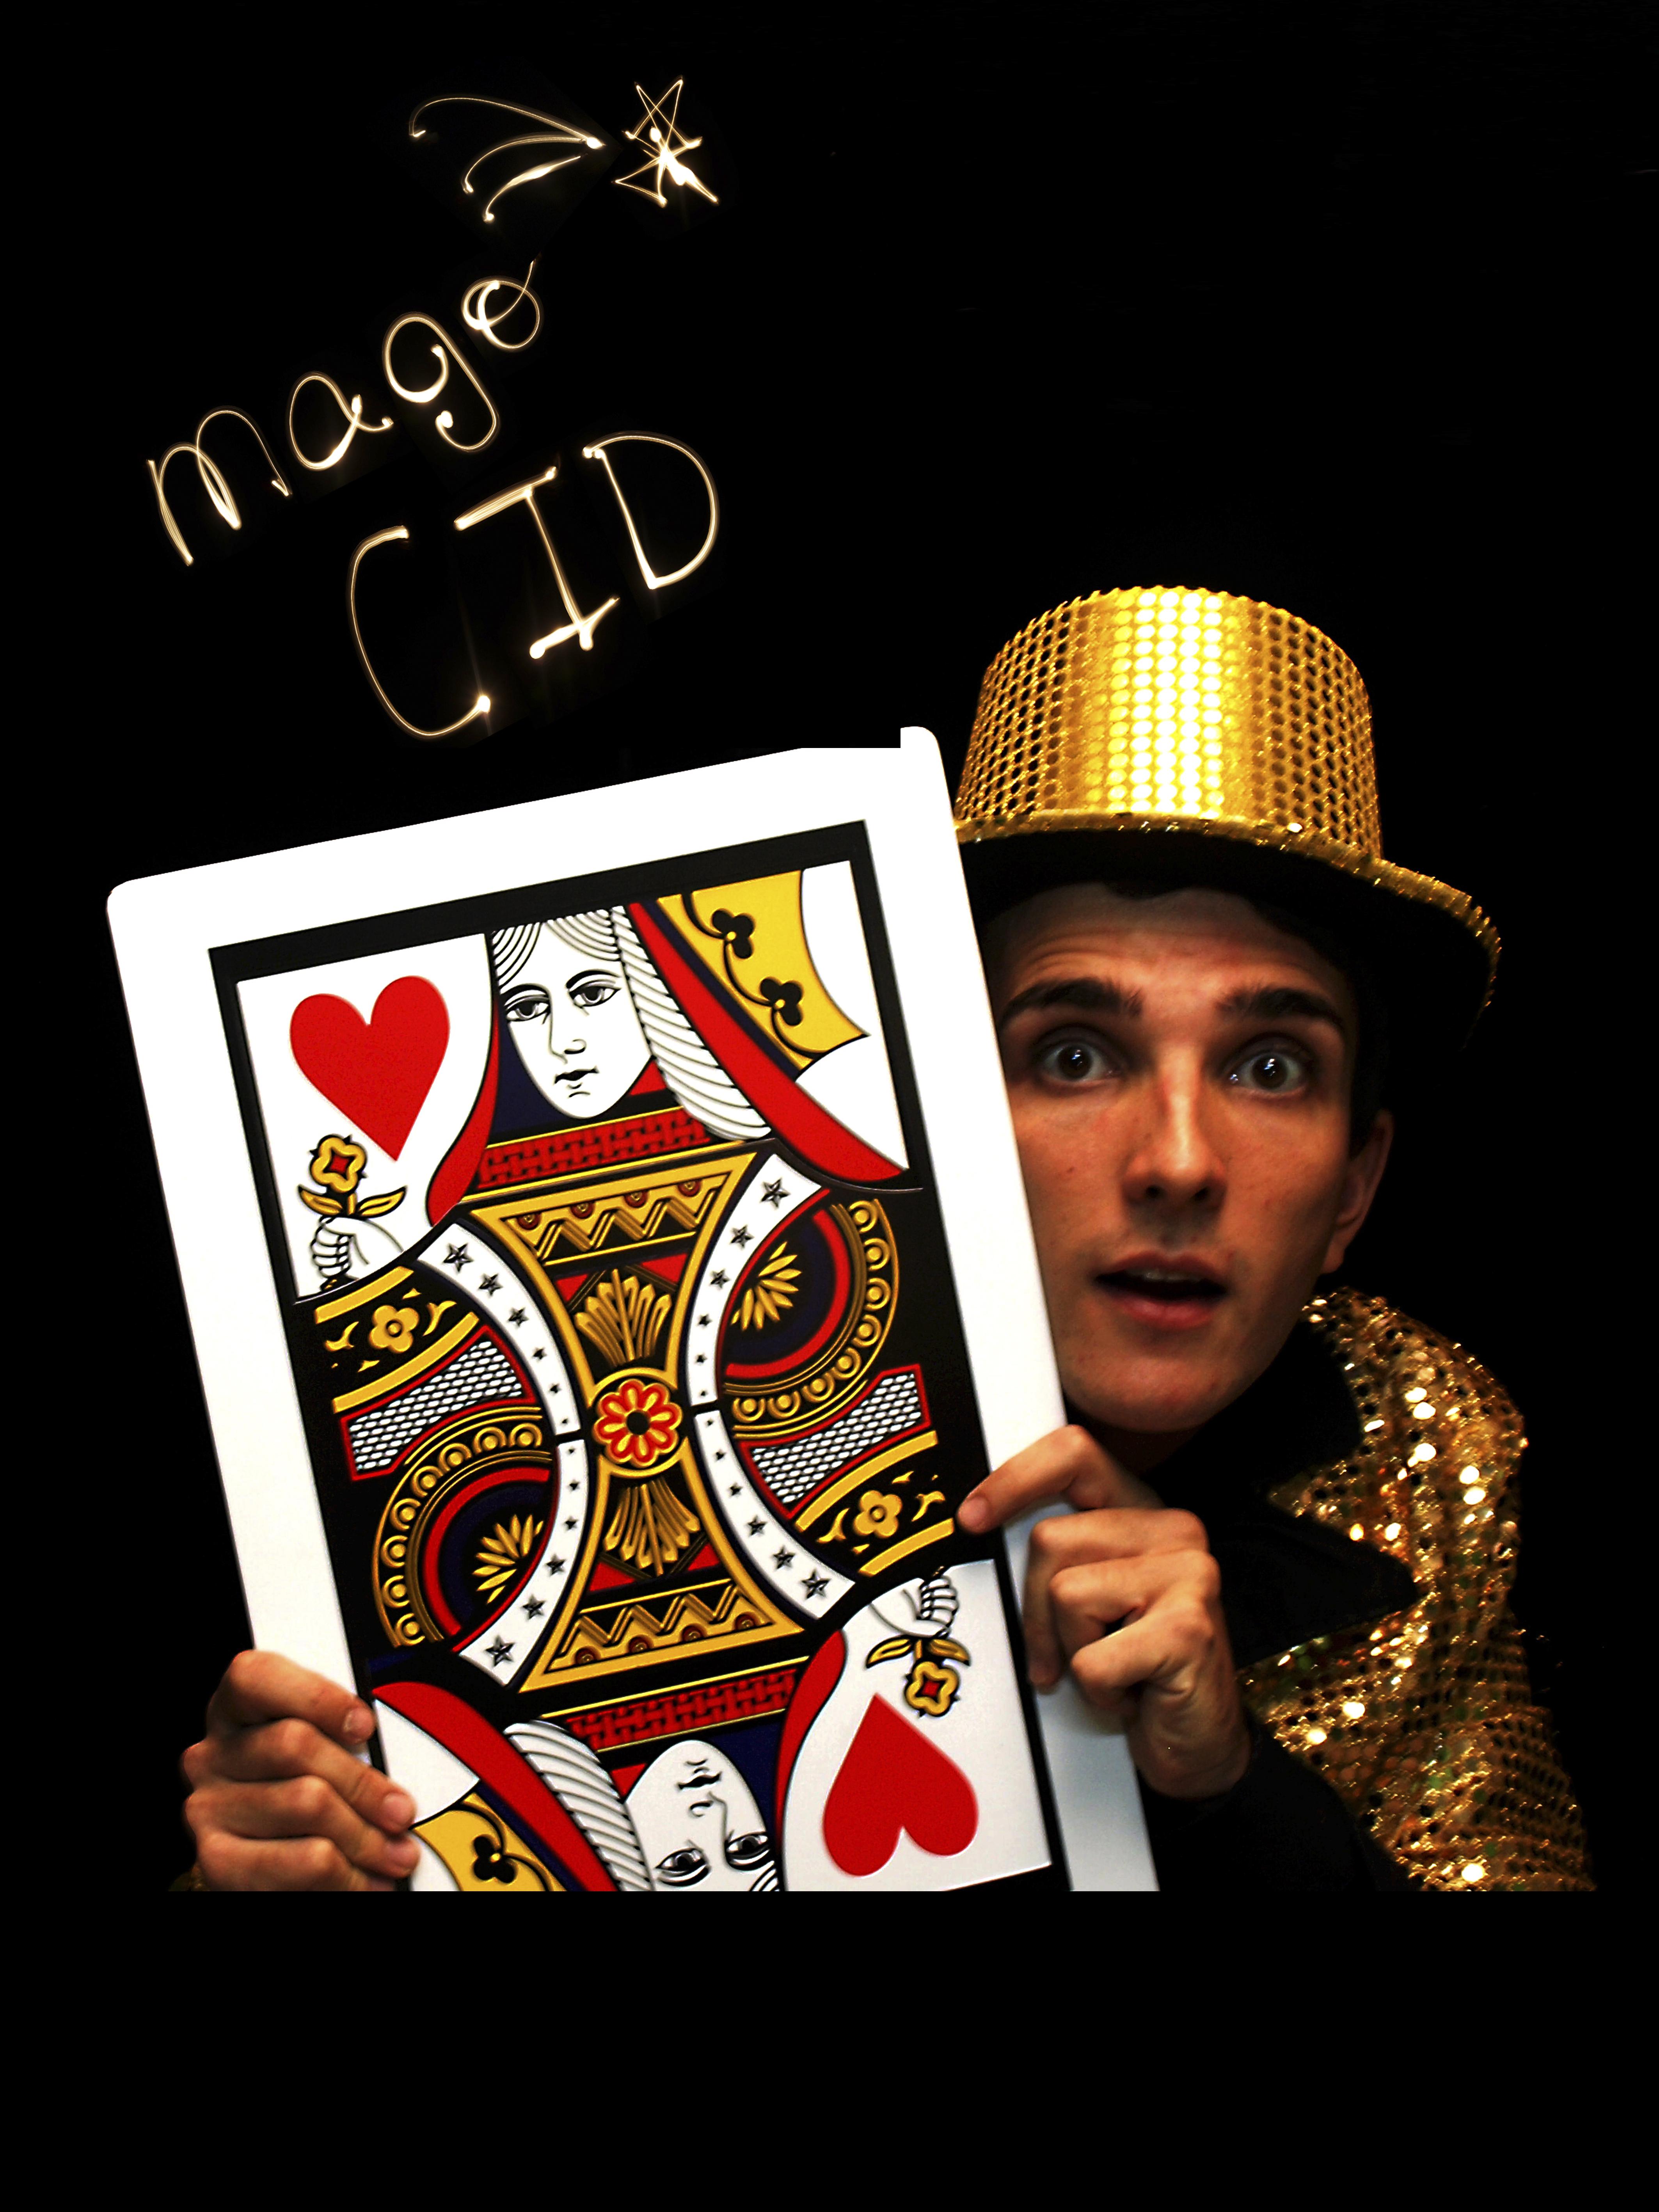 Cartel del Mago Cid con Cartas